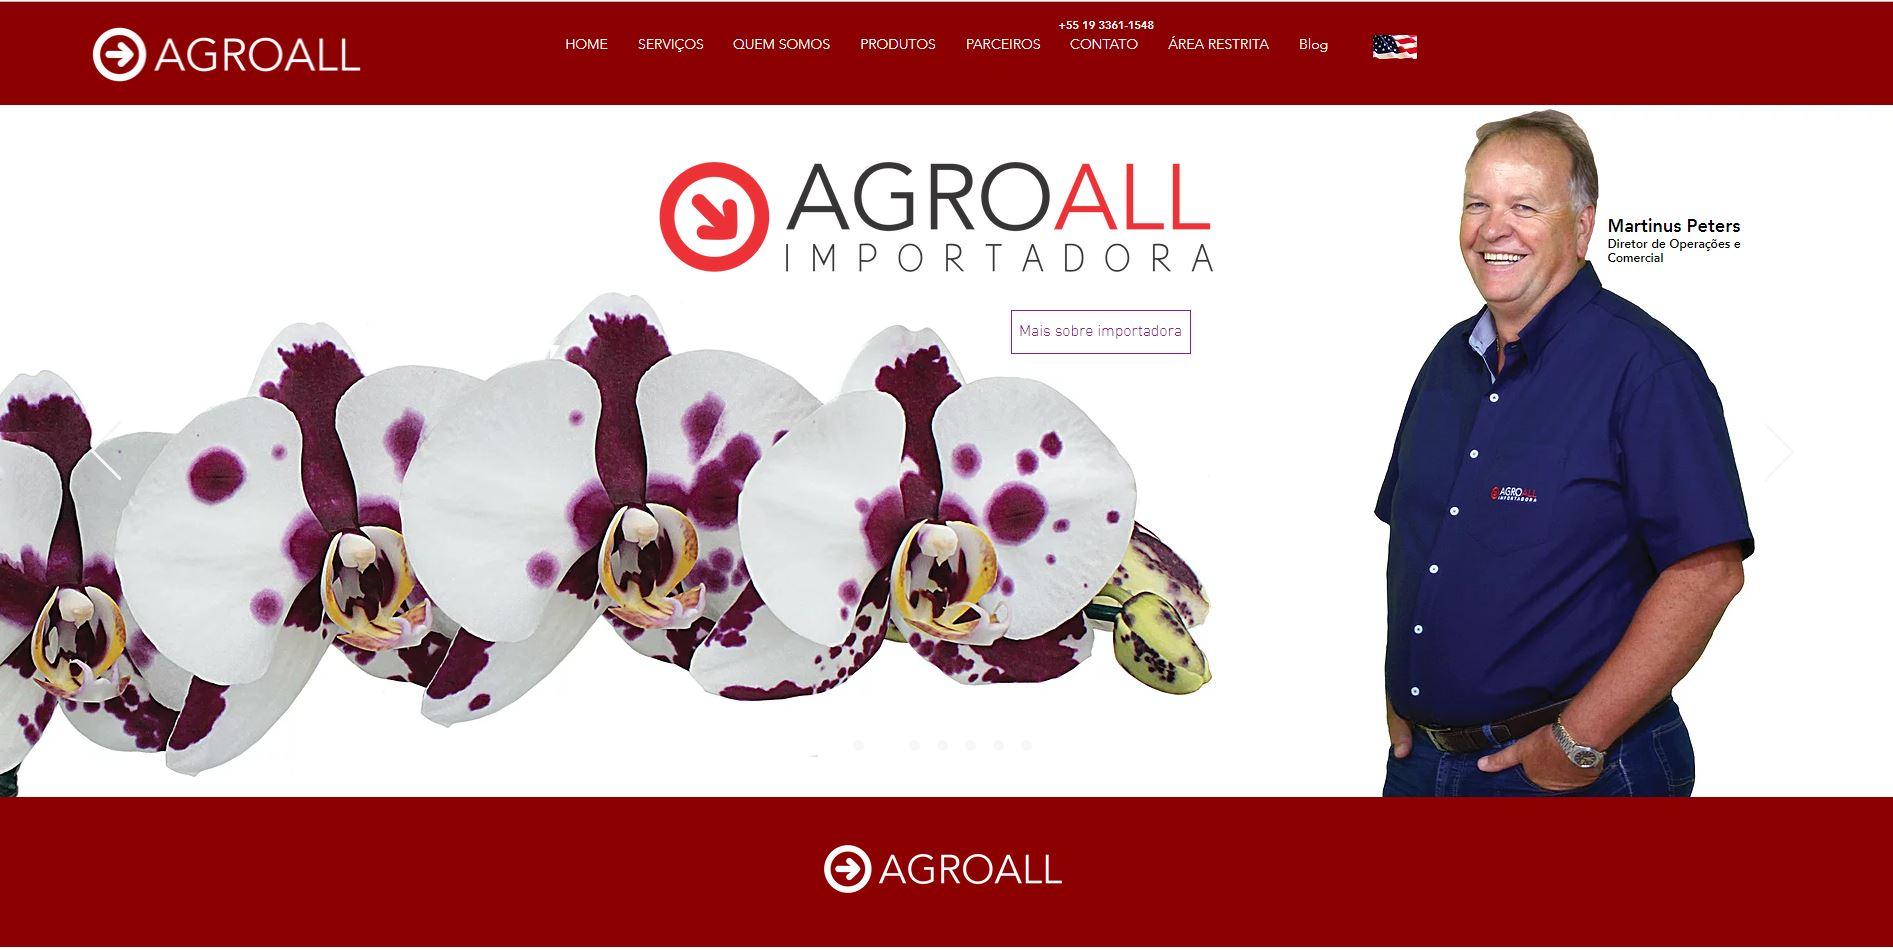 AGROALL